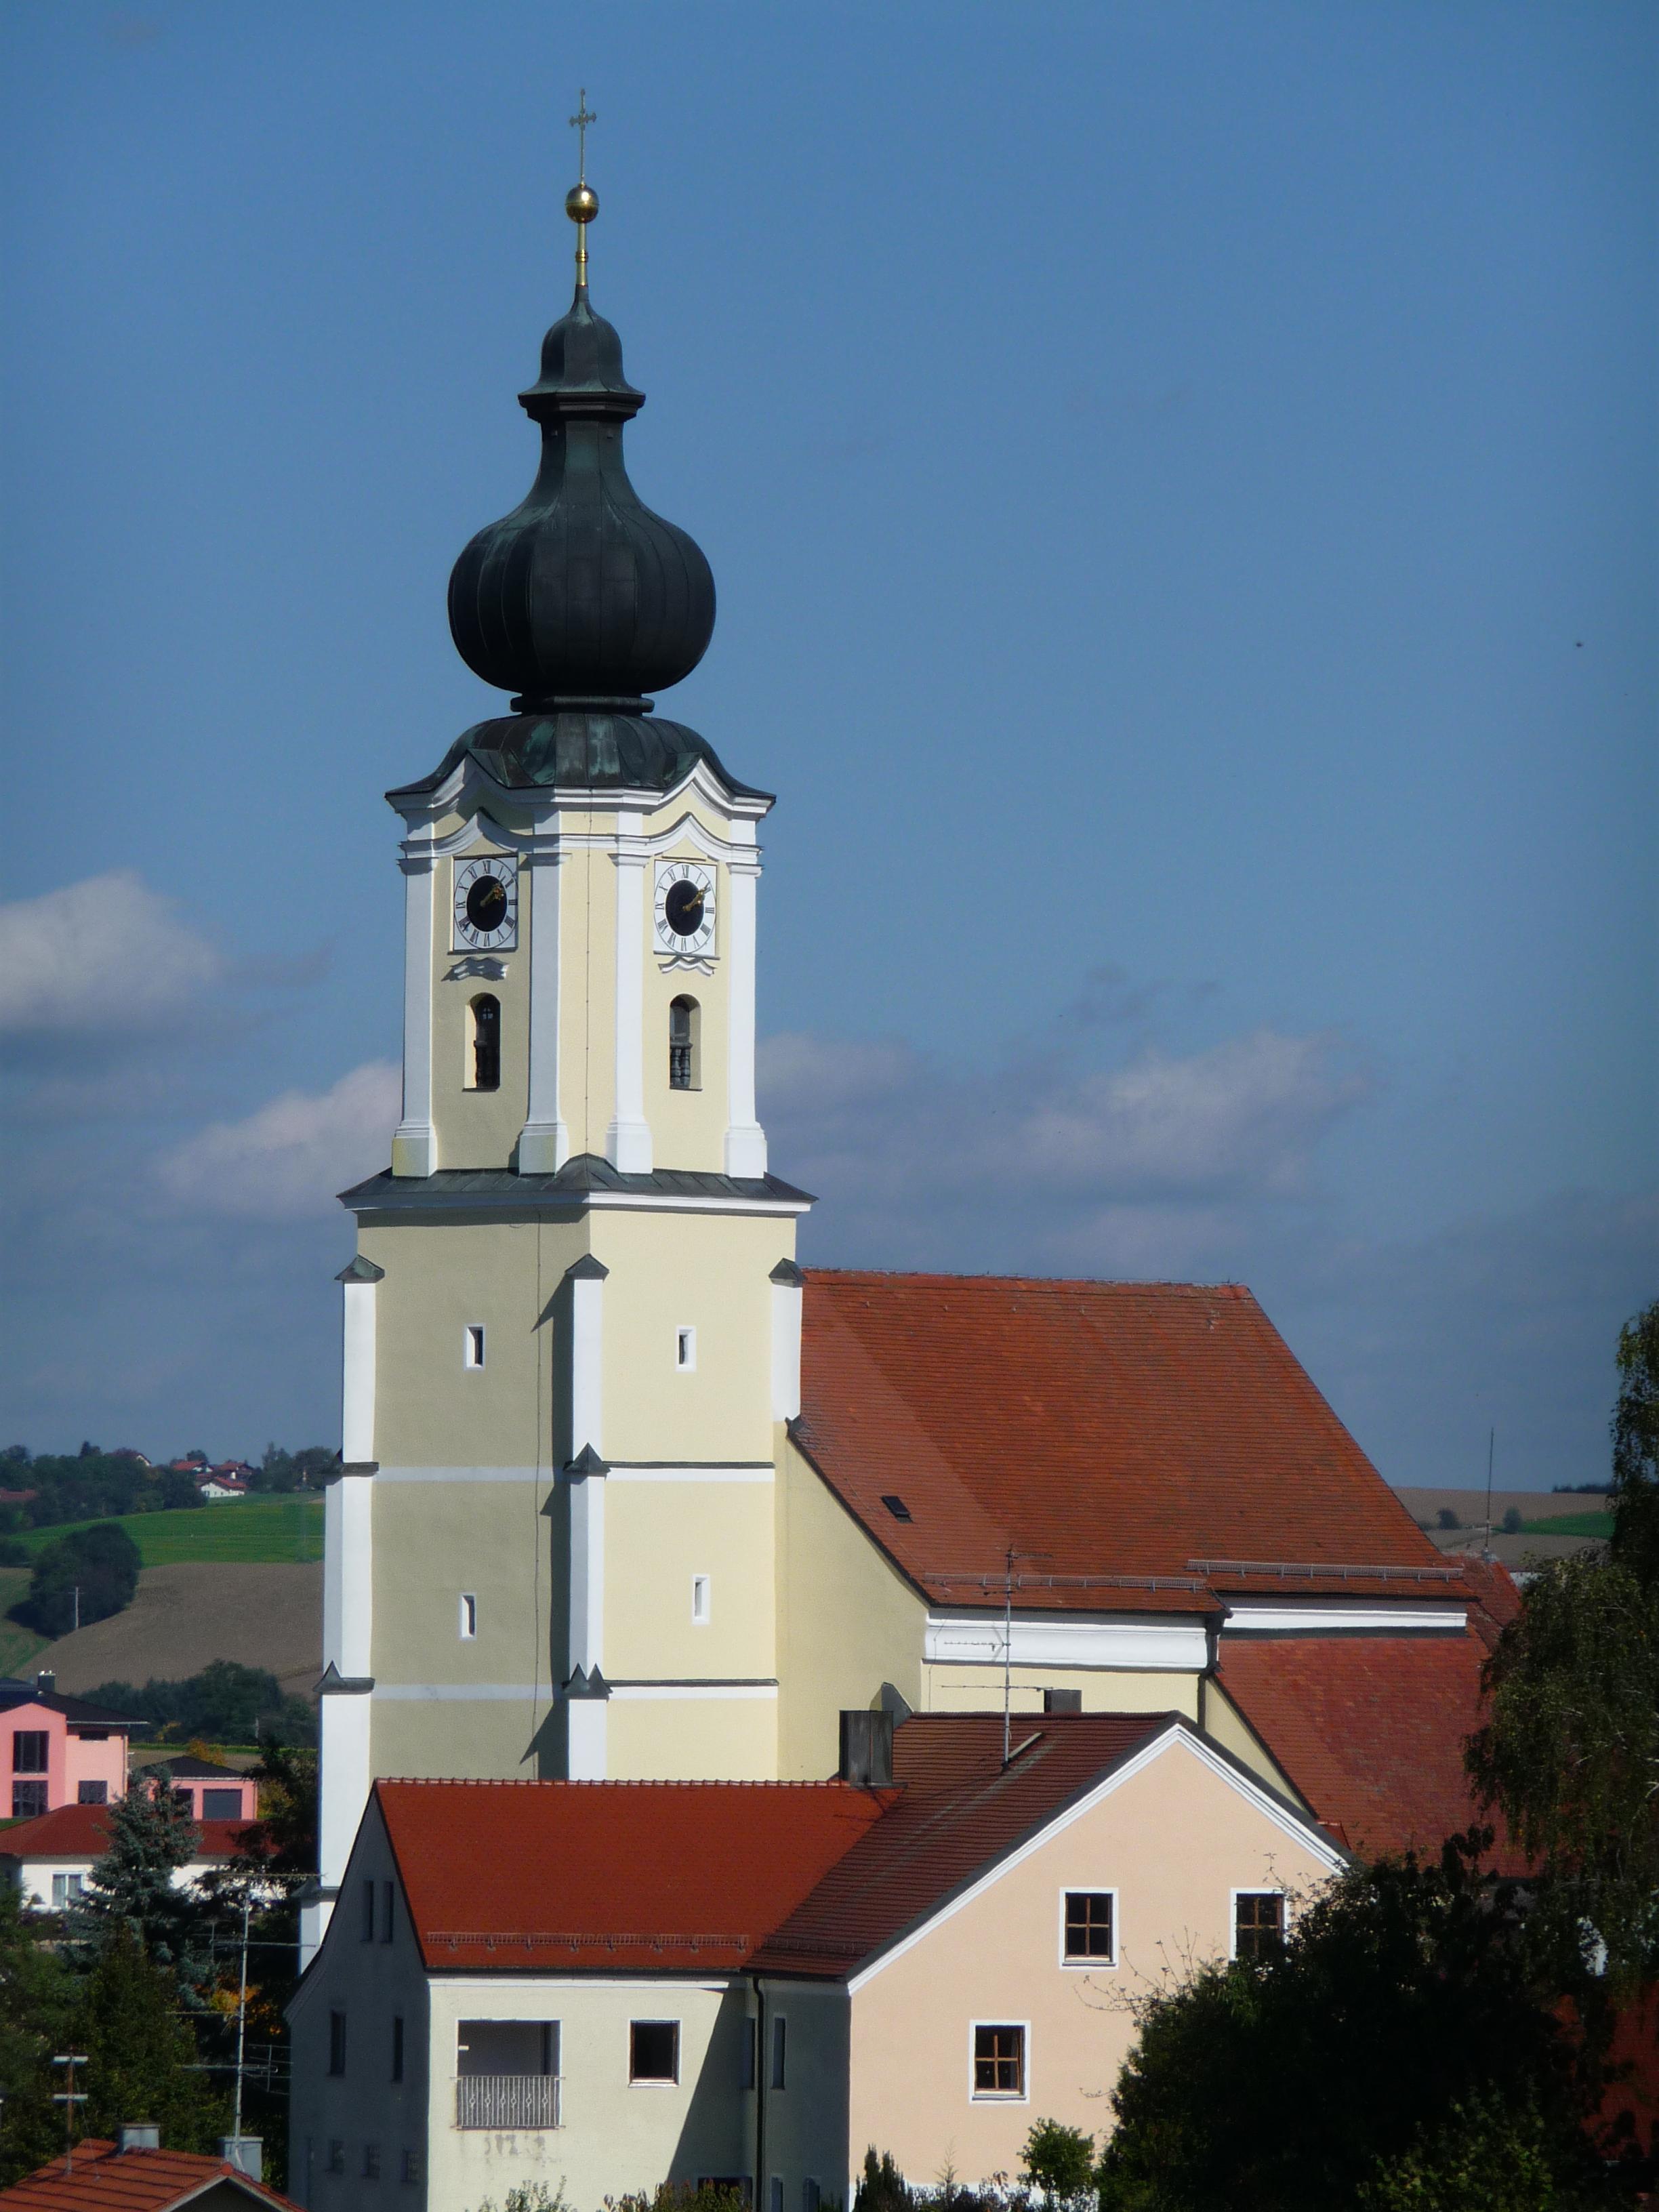 Pfarrkirche Bad Höhenstadt